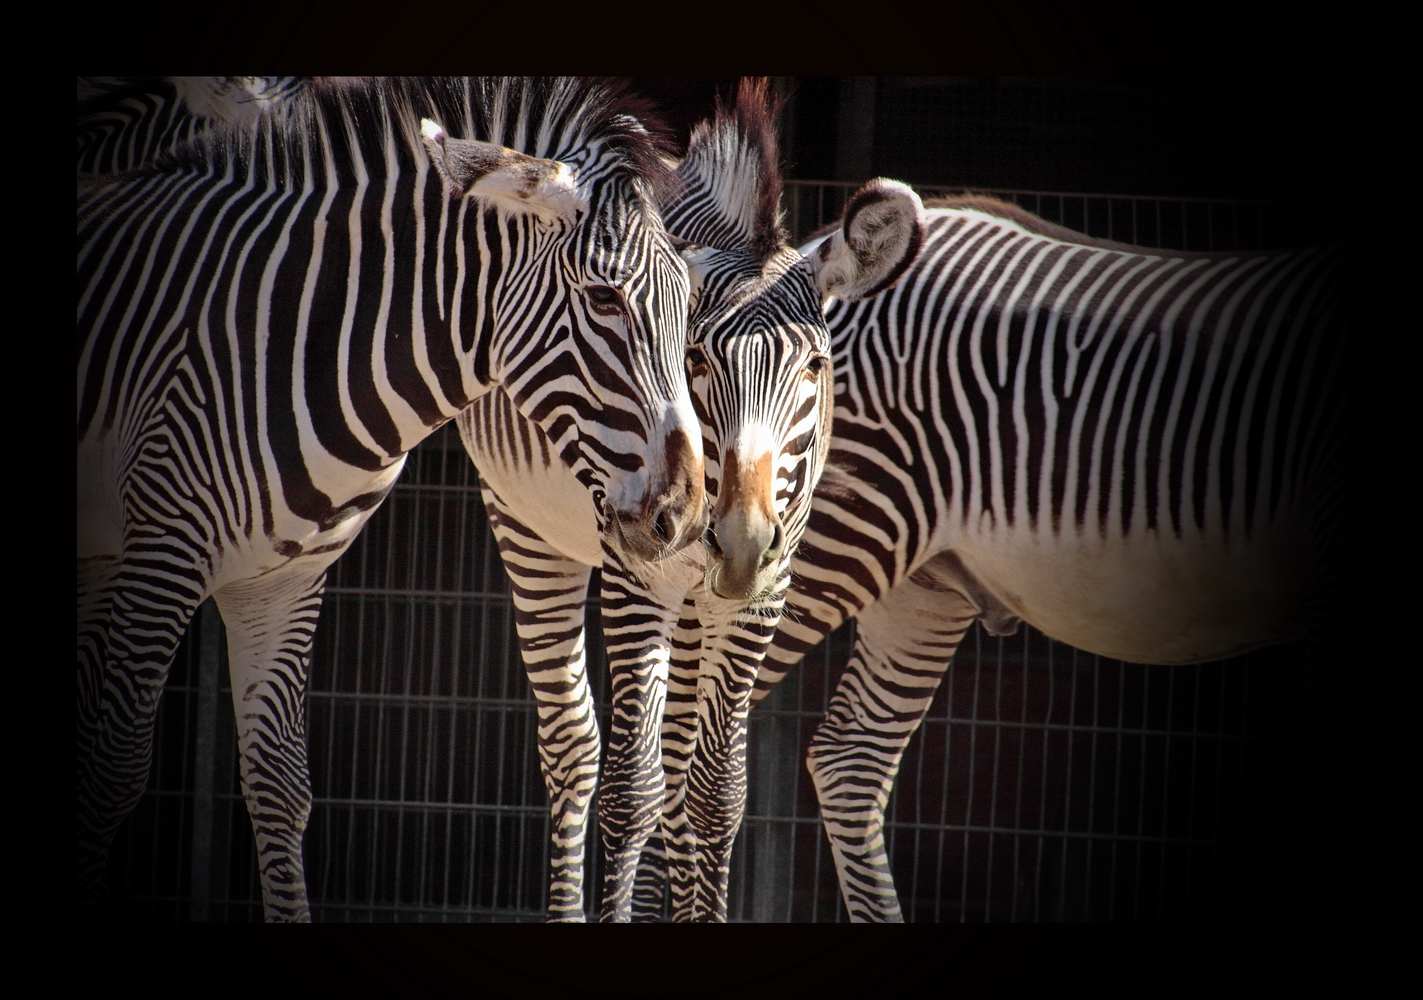 Zebra-Freundschaft